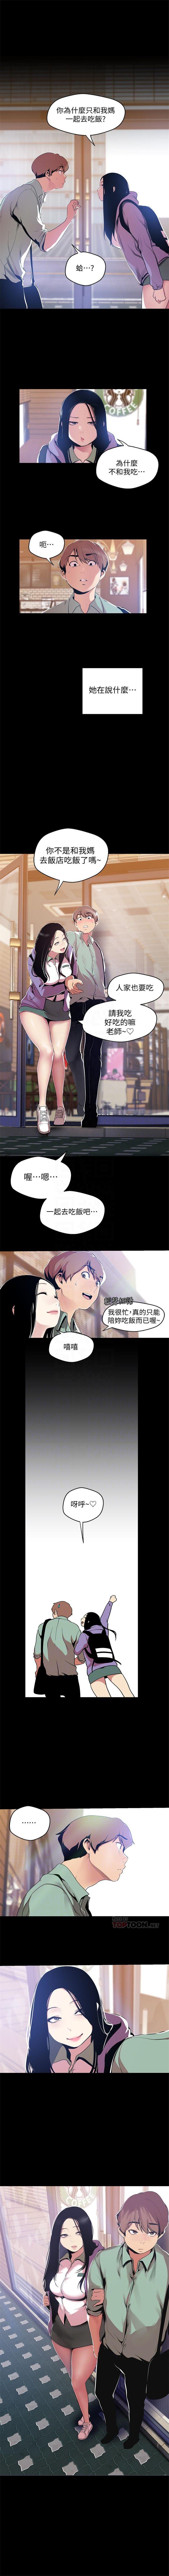 (週1)美麗新世界 1-70 中文翻譯 (更新中) 444